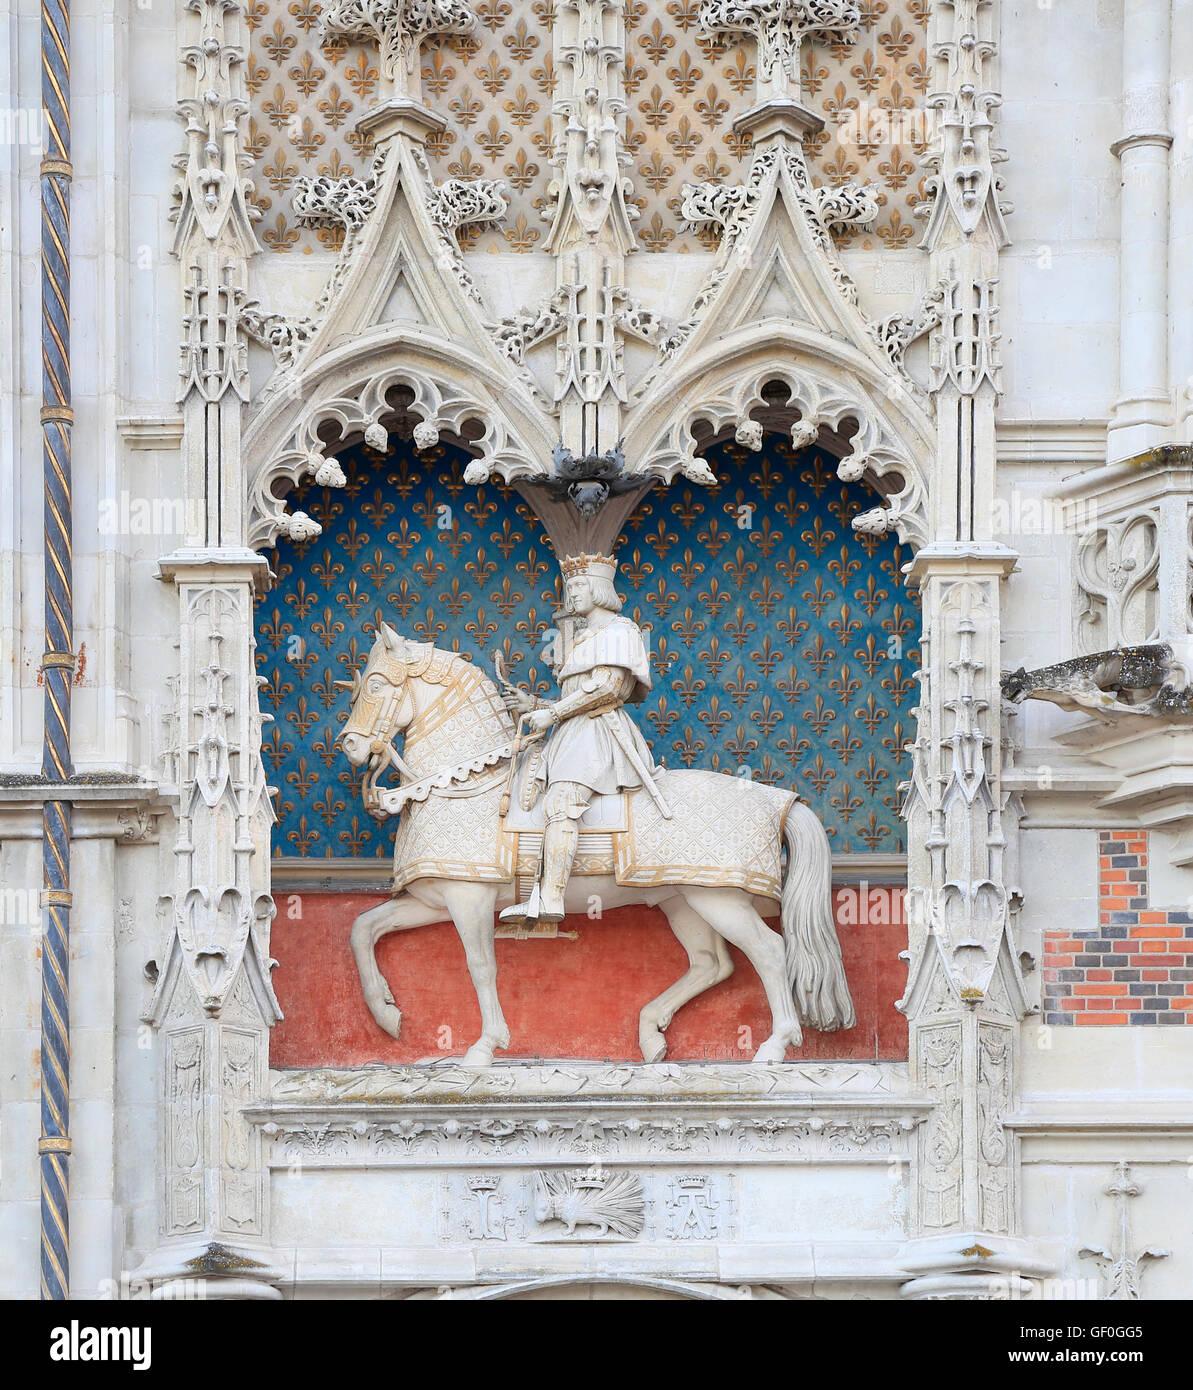 The Royal Chateau de Blois, exterior facade detail - Stock Image